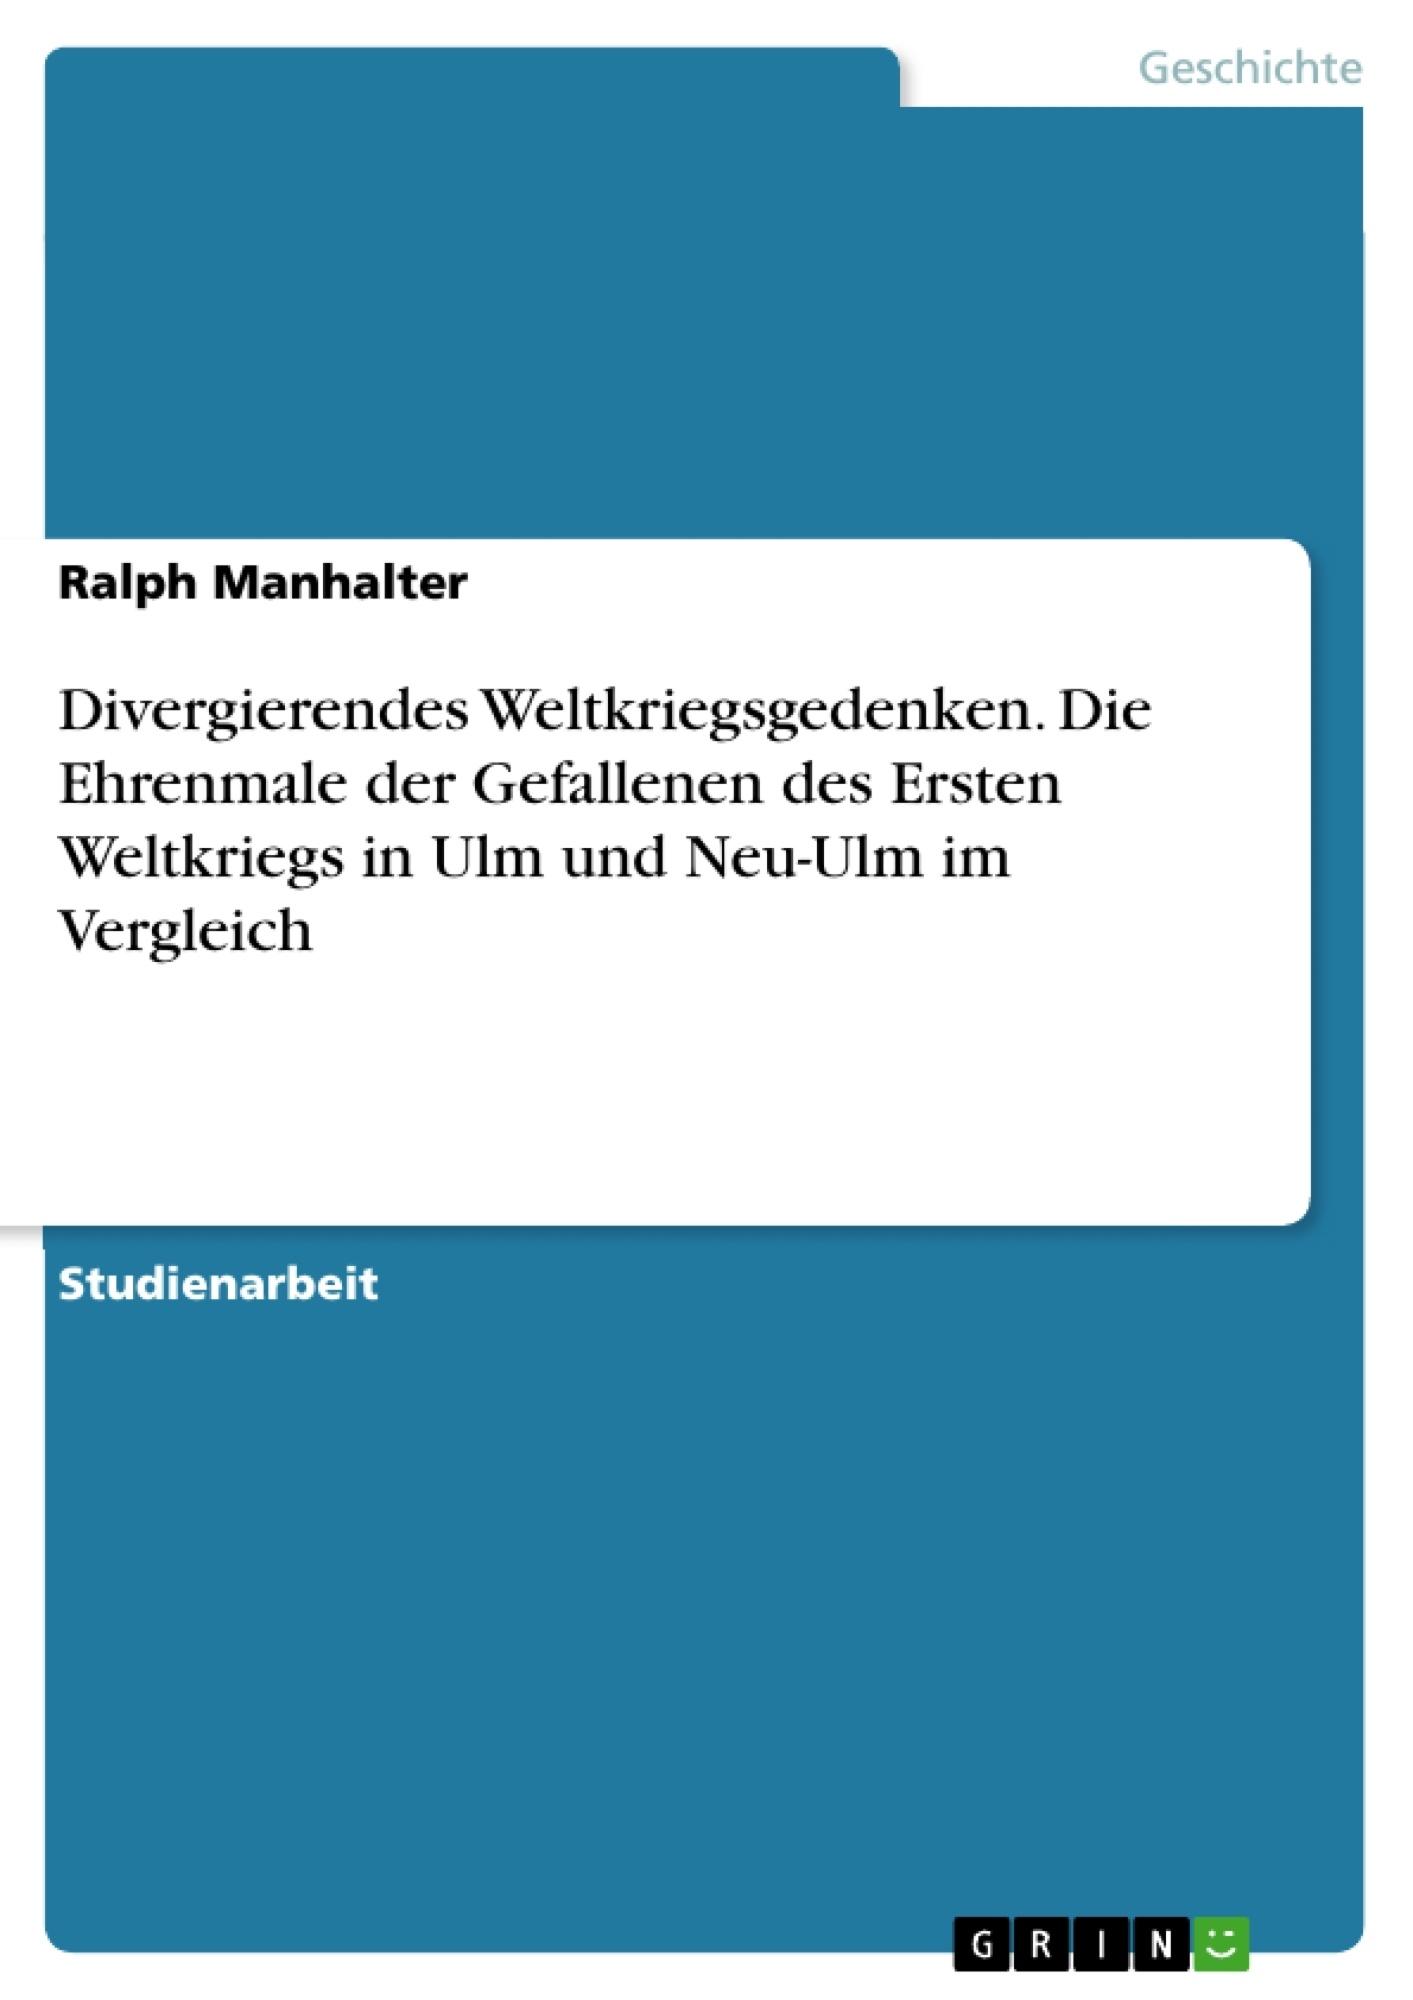 Titel: Divergierendes Weltkriegsgedenken. Die Ehrenmale der Gefallenen des Ersten Weltkriegs in Ulm und Neu-Ulm im Vergleich